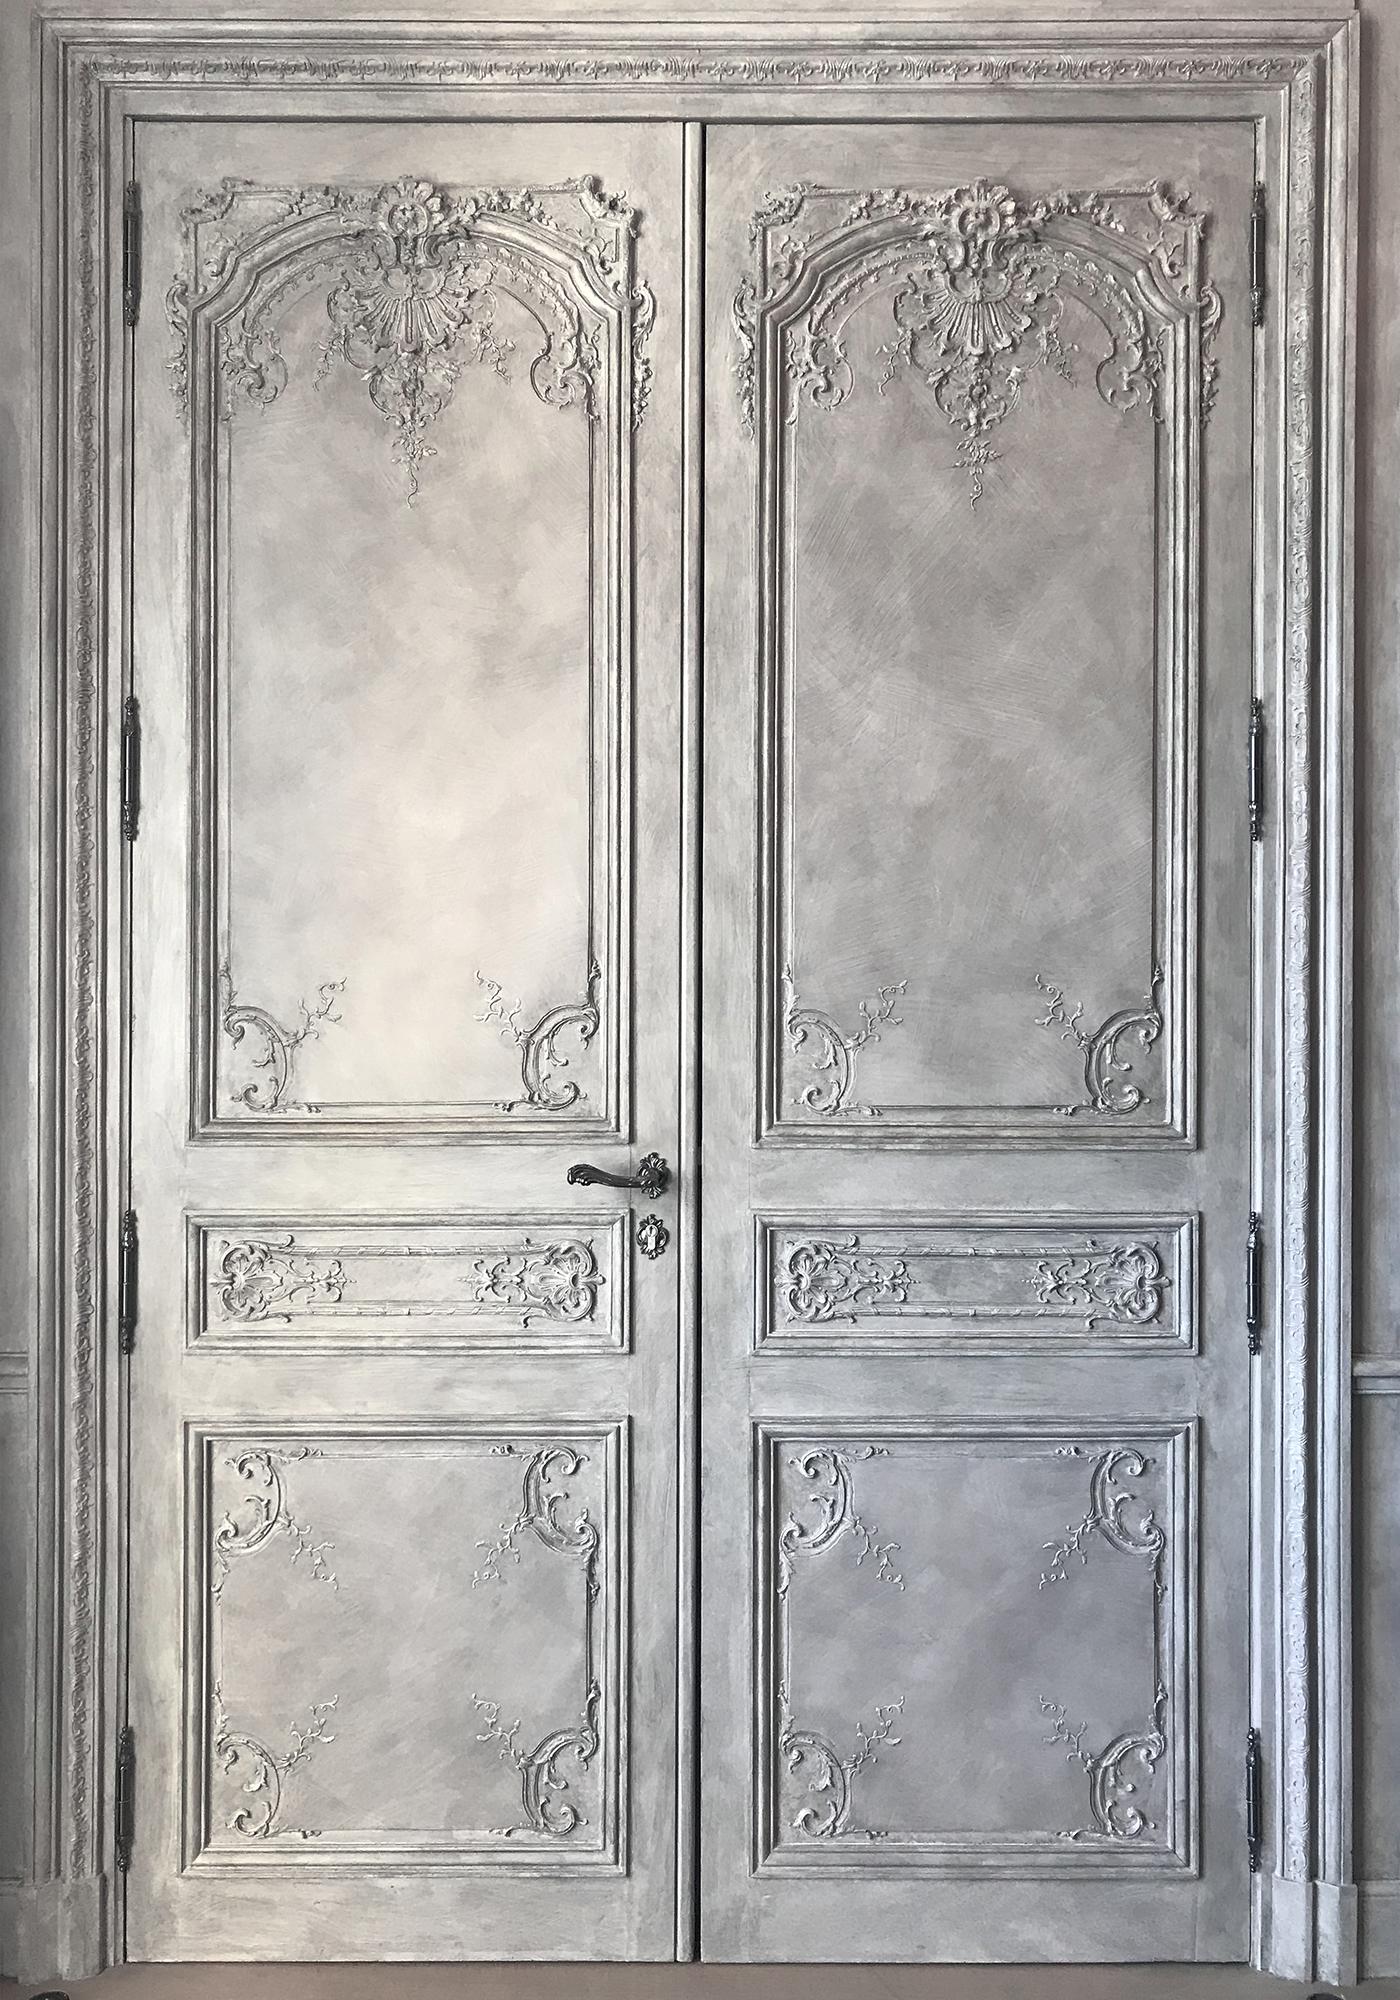 Double porte boiserie rocaille sculptée Régence XVIIIe, Suite Karl Lagerfeld Hotel de Crillon